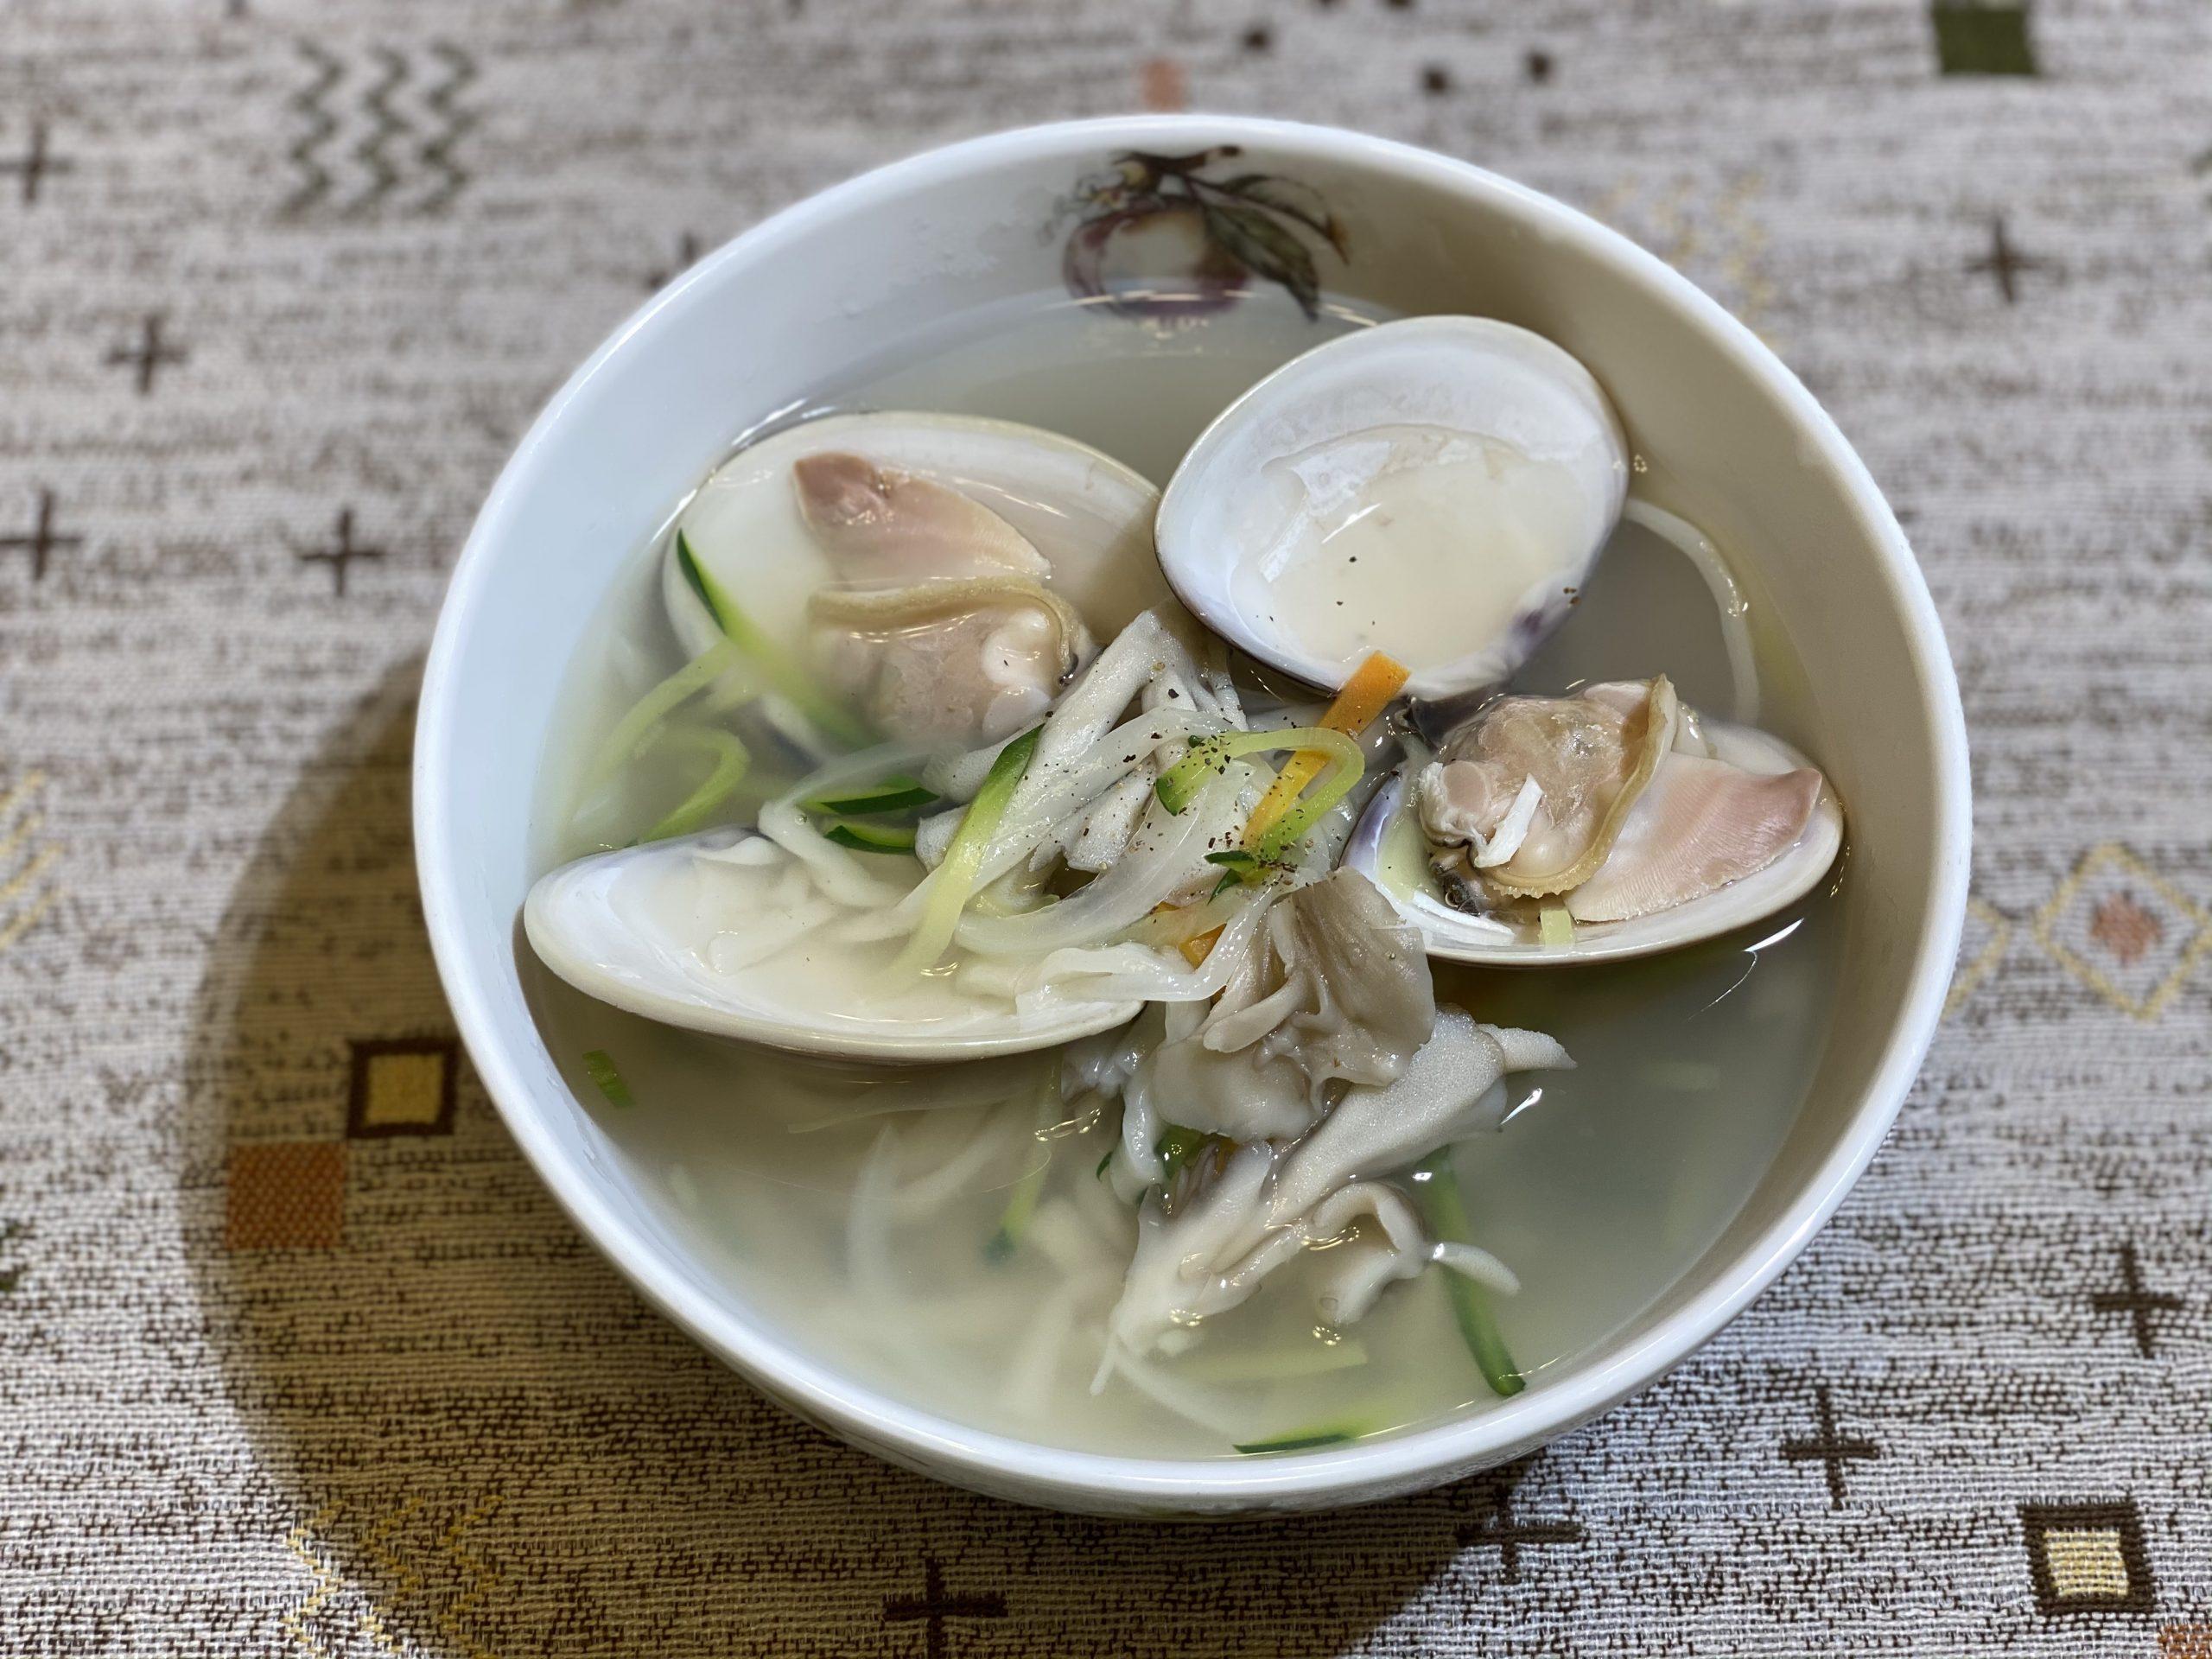 Olive家の簡単レシピ | 韓国料理 地はまぐり カルグクス